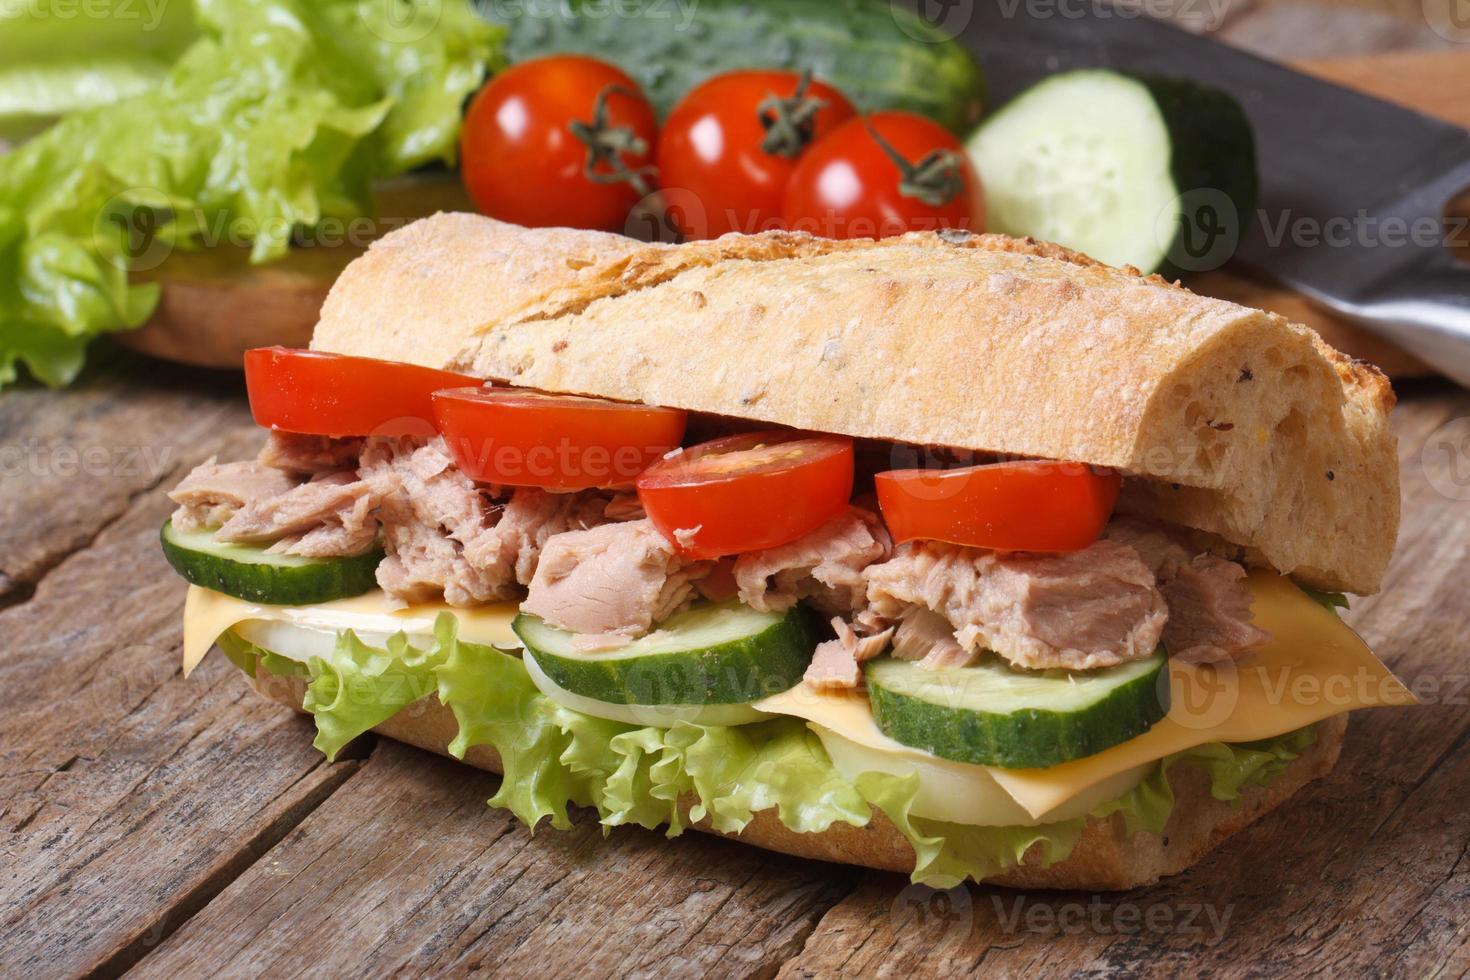 panino al tonno con verdure su sfondo di ingredienti. foto